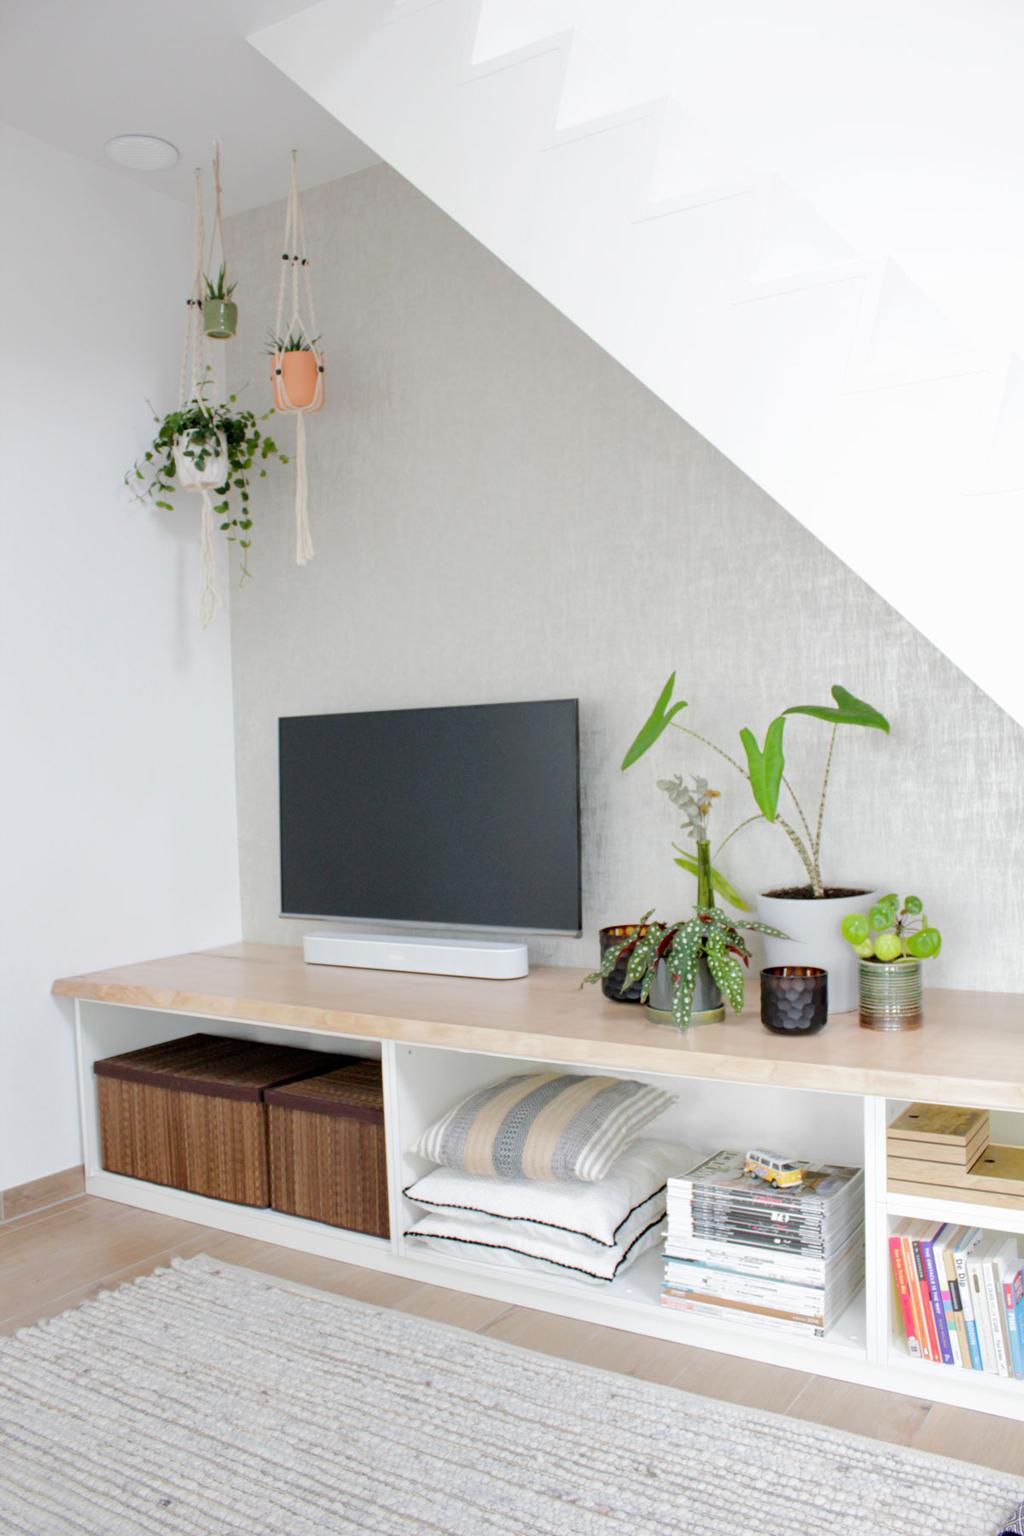 Ingebouwde trapkast met televisie en groene planten voor een witte muur